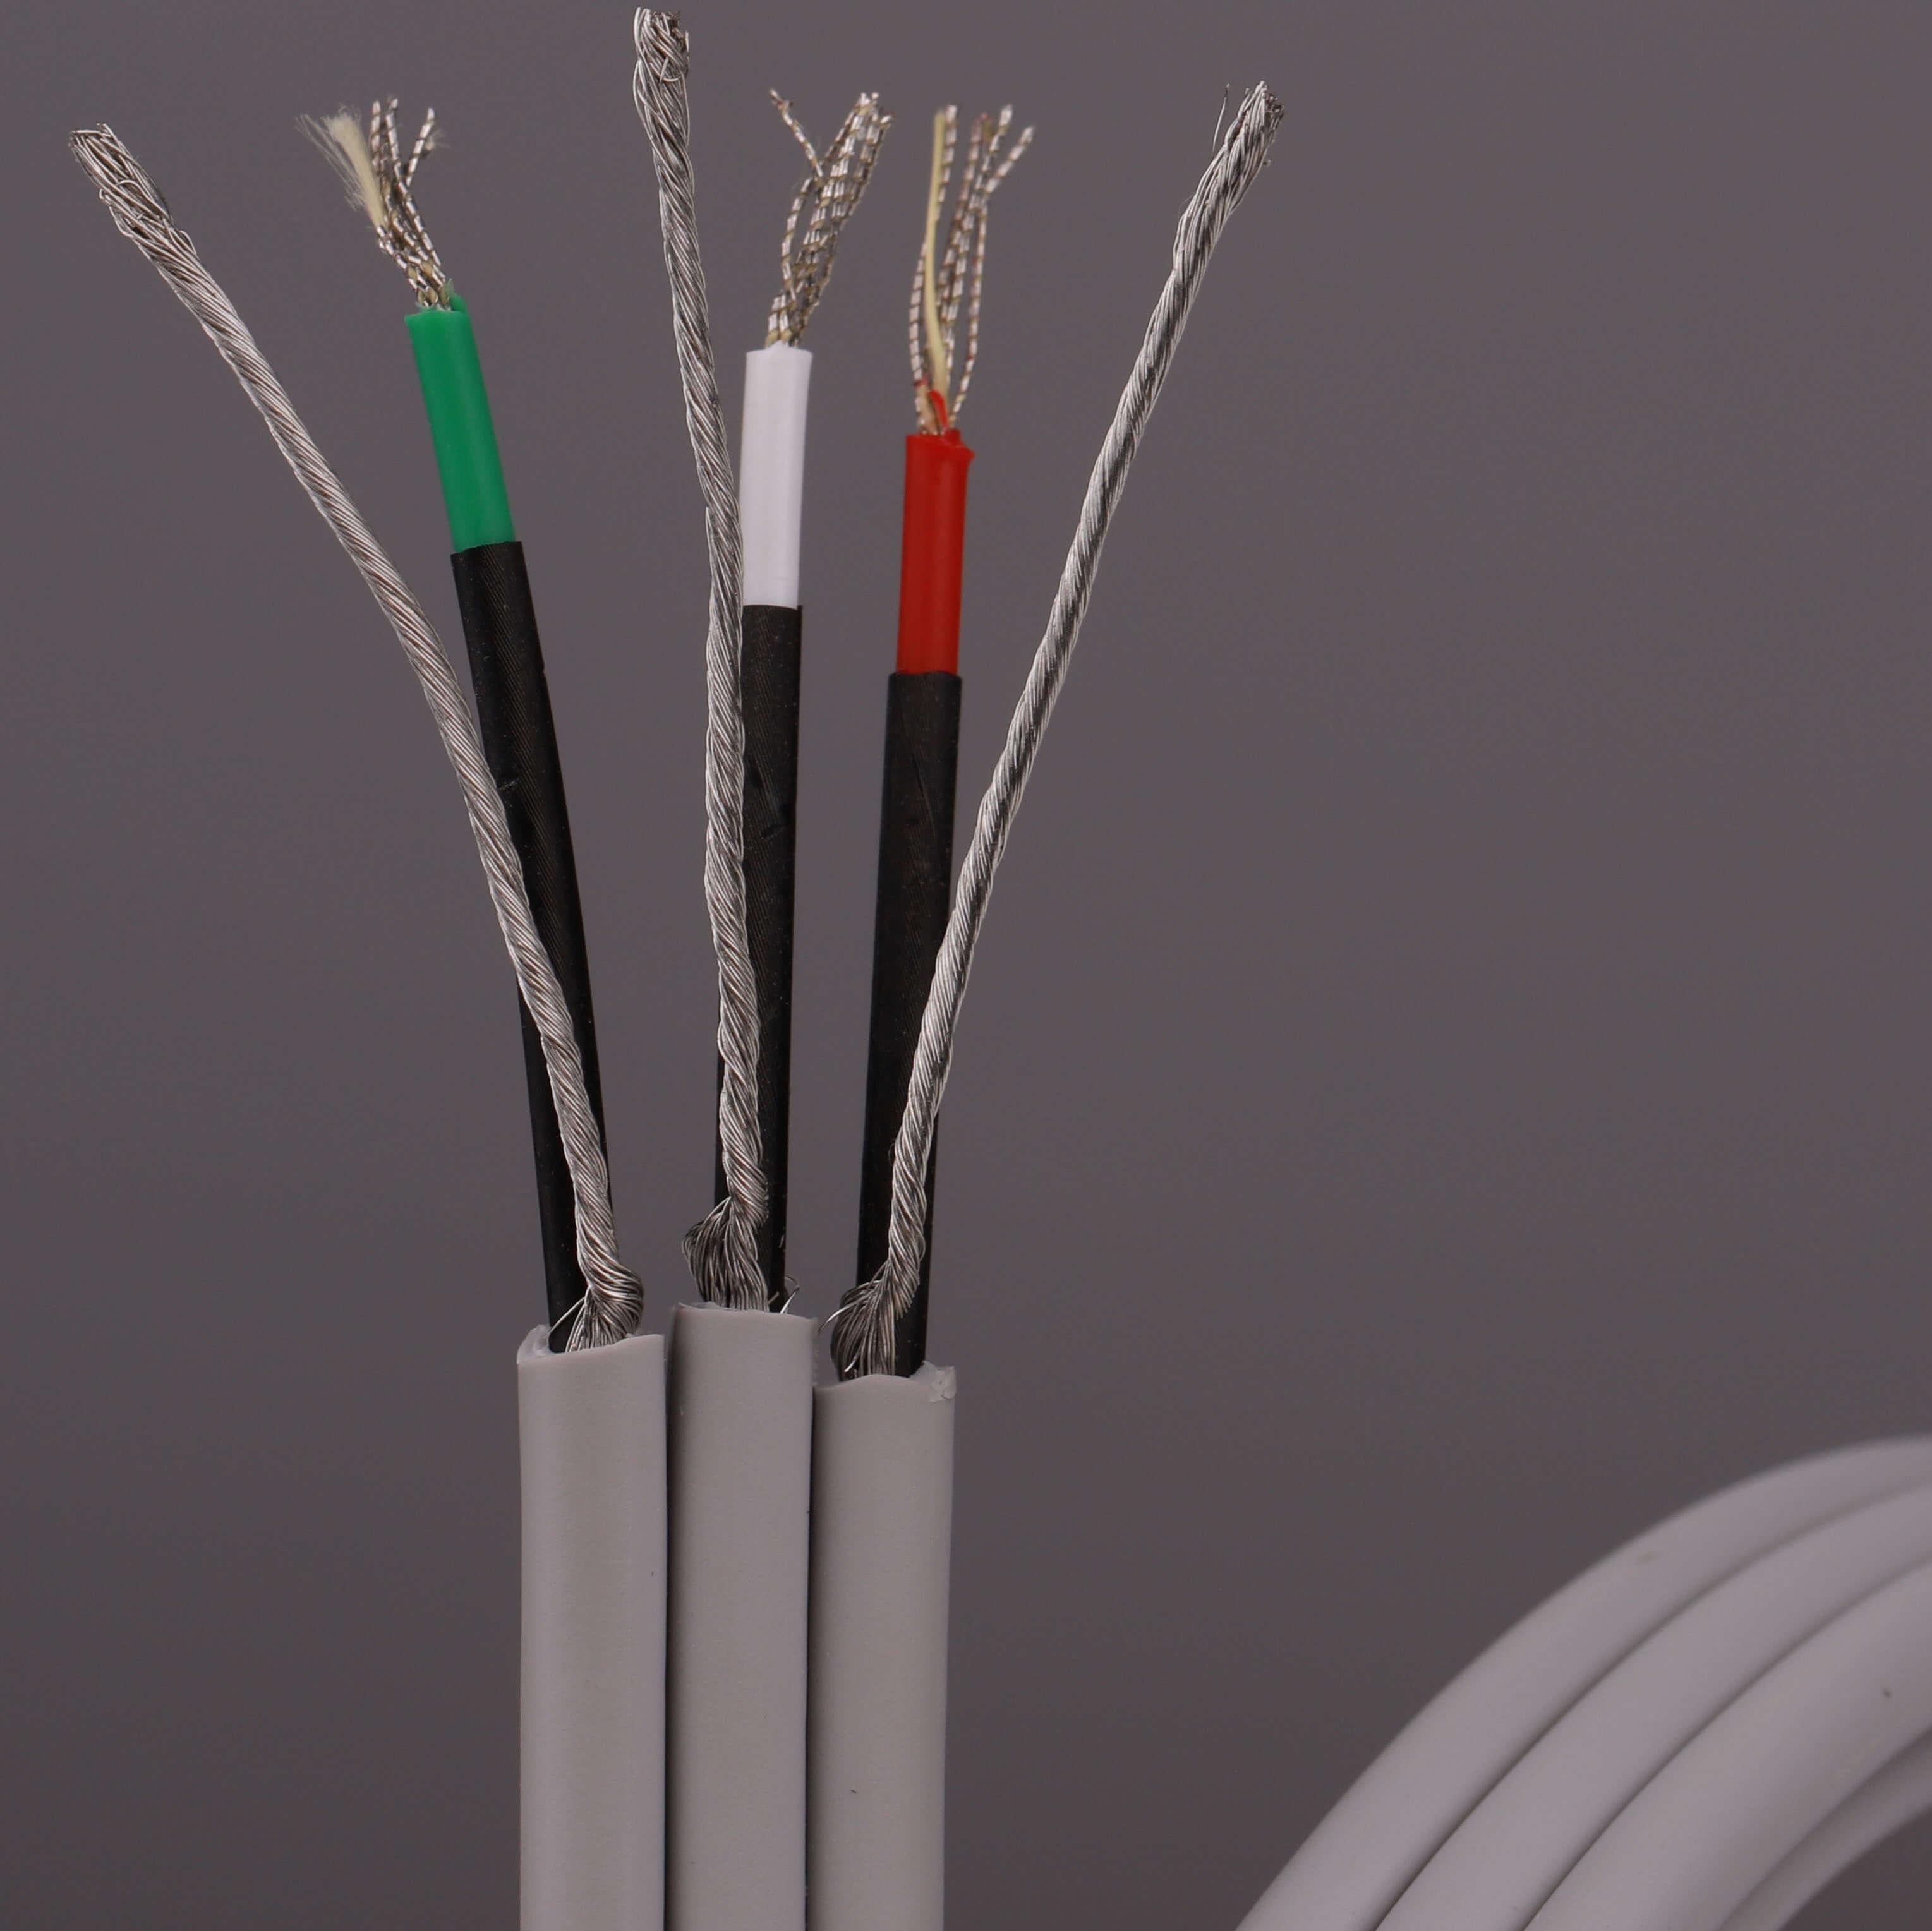 ECG cable EC203S